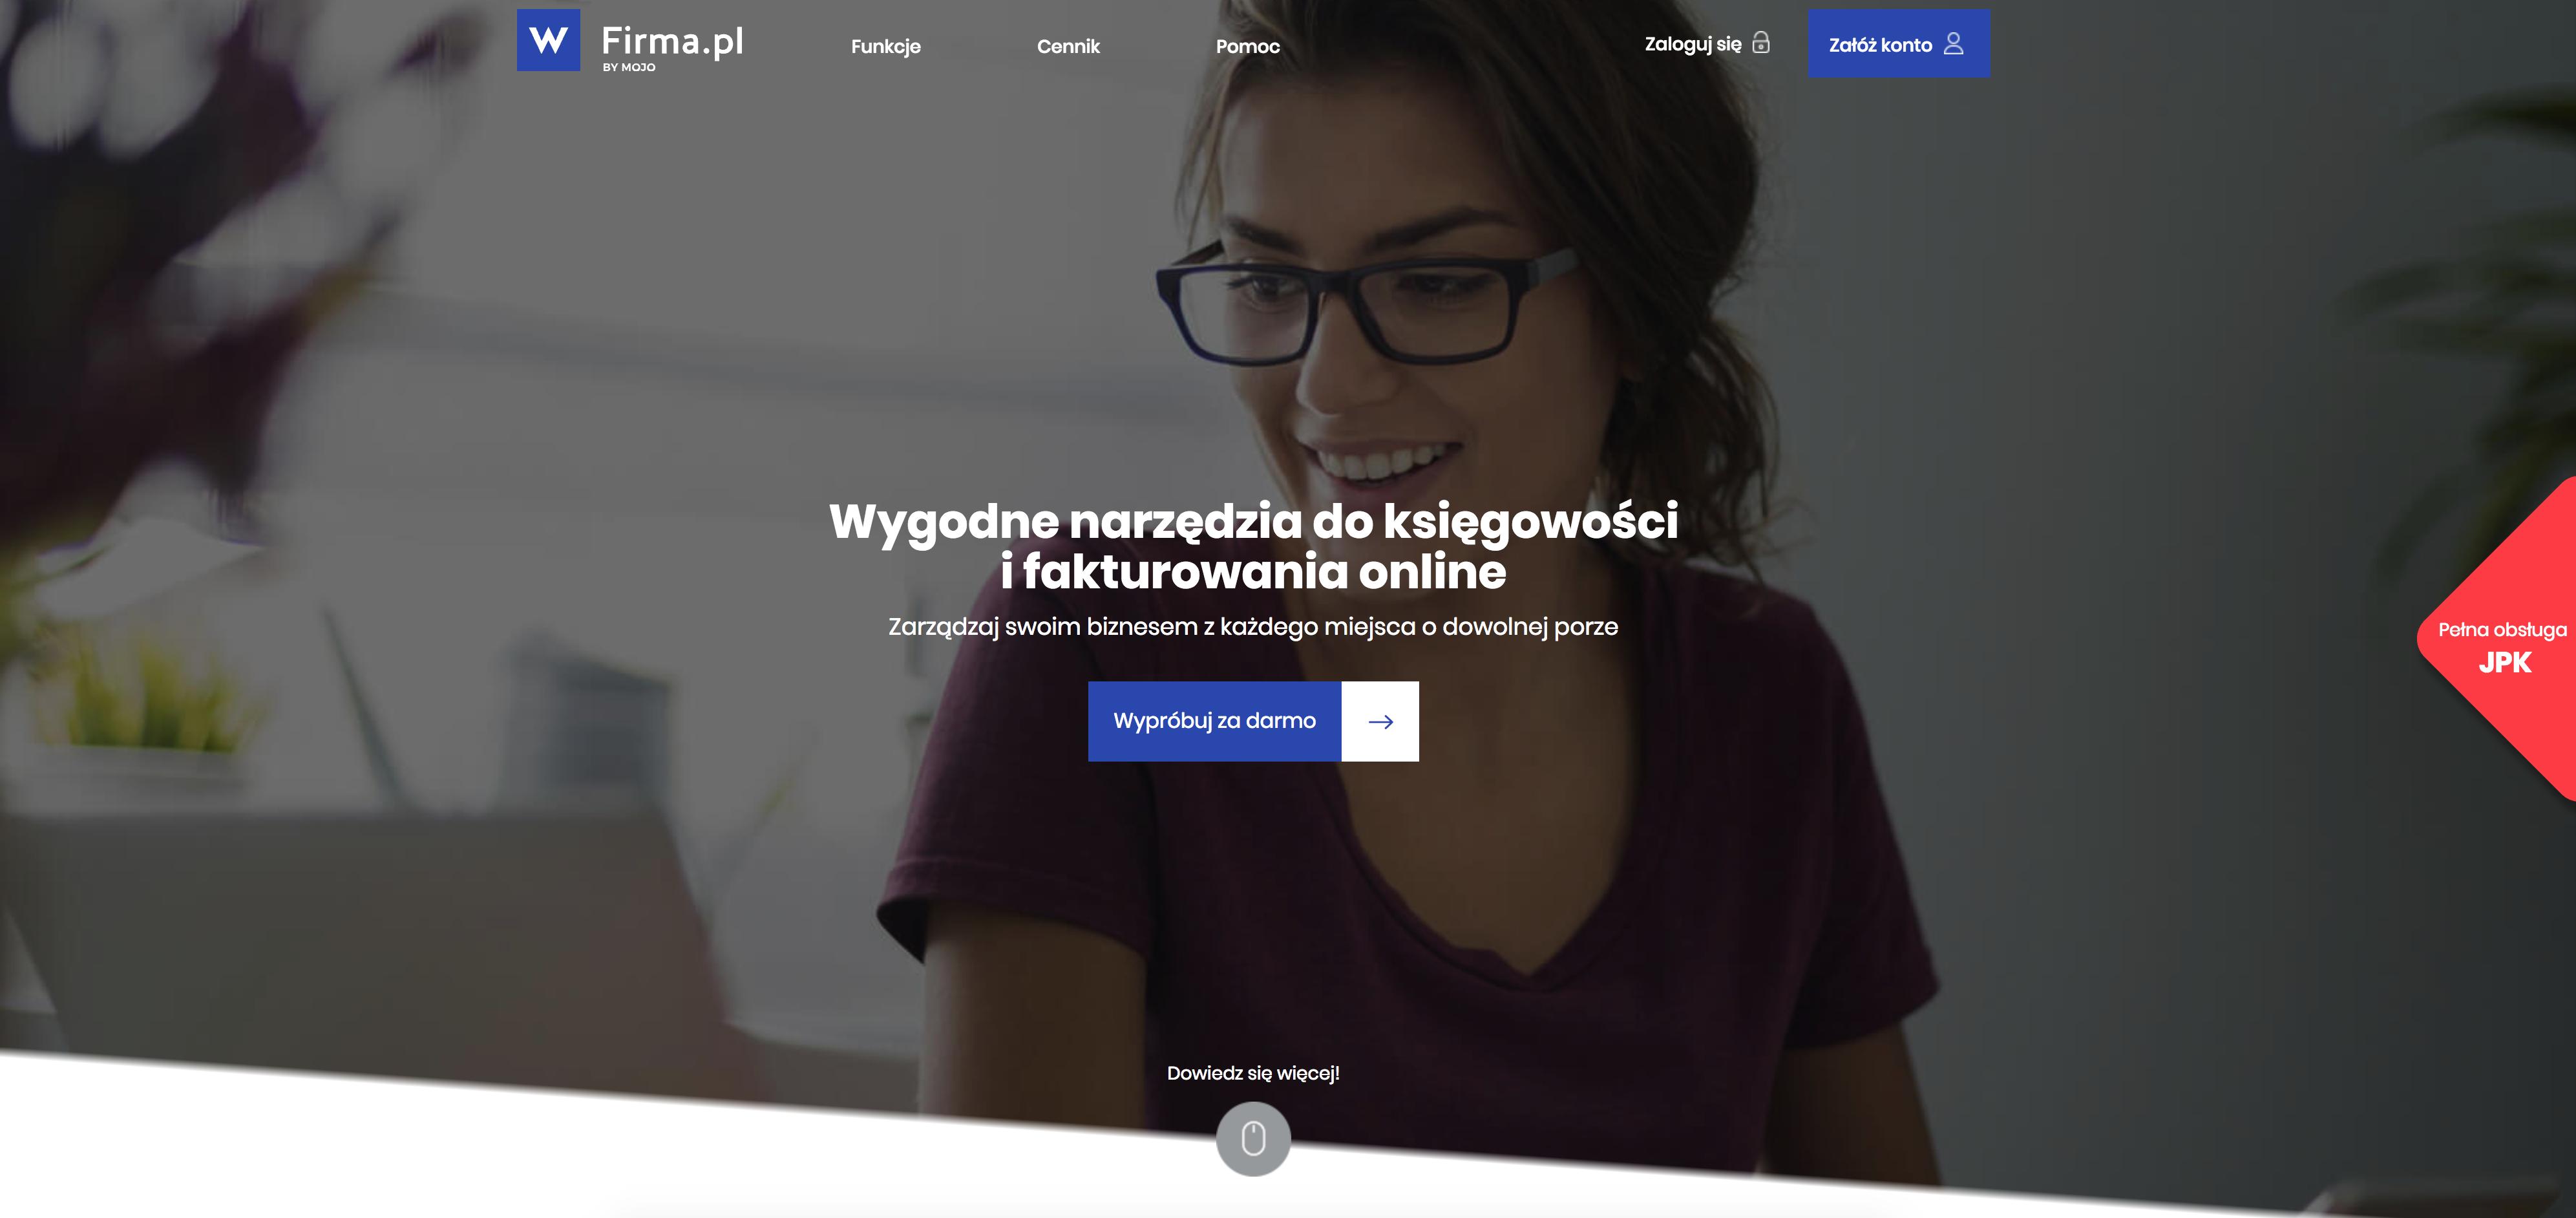 aabacf4ef99ae9 Programy online do prowadzenia firmy - zestawienie - Poradnik ...